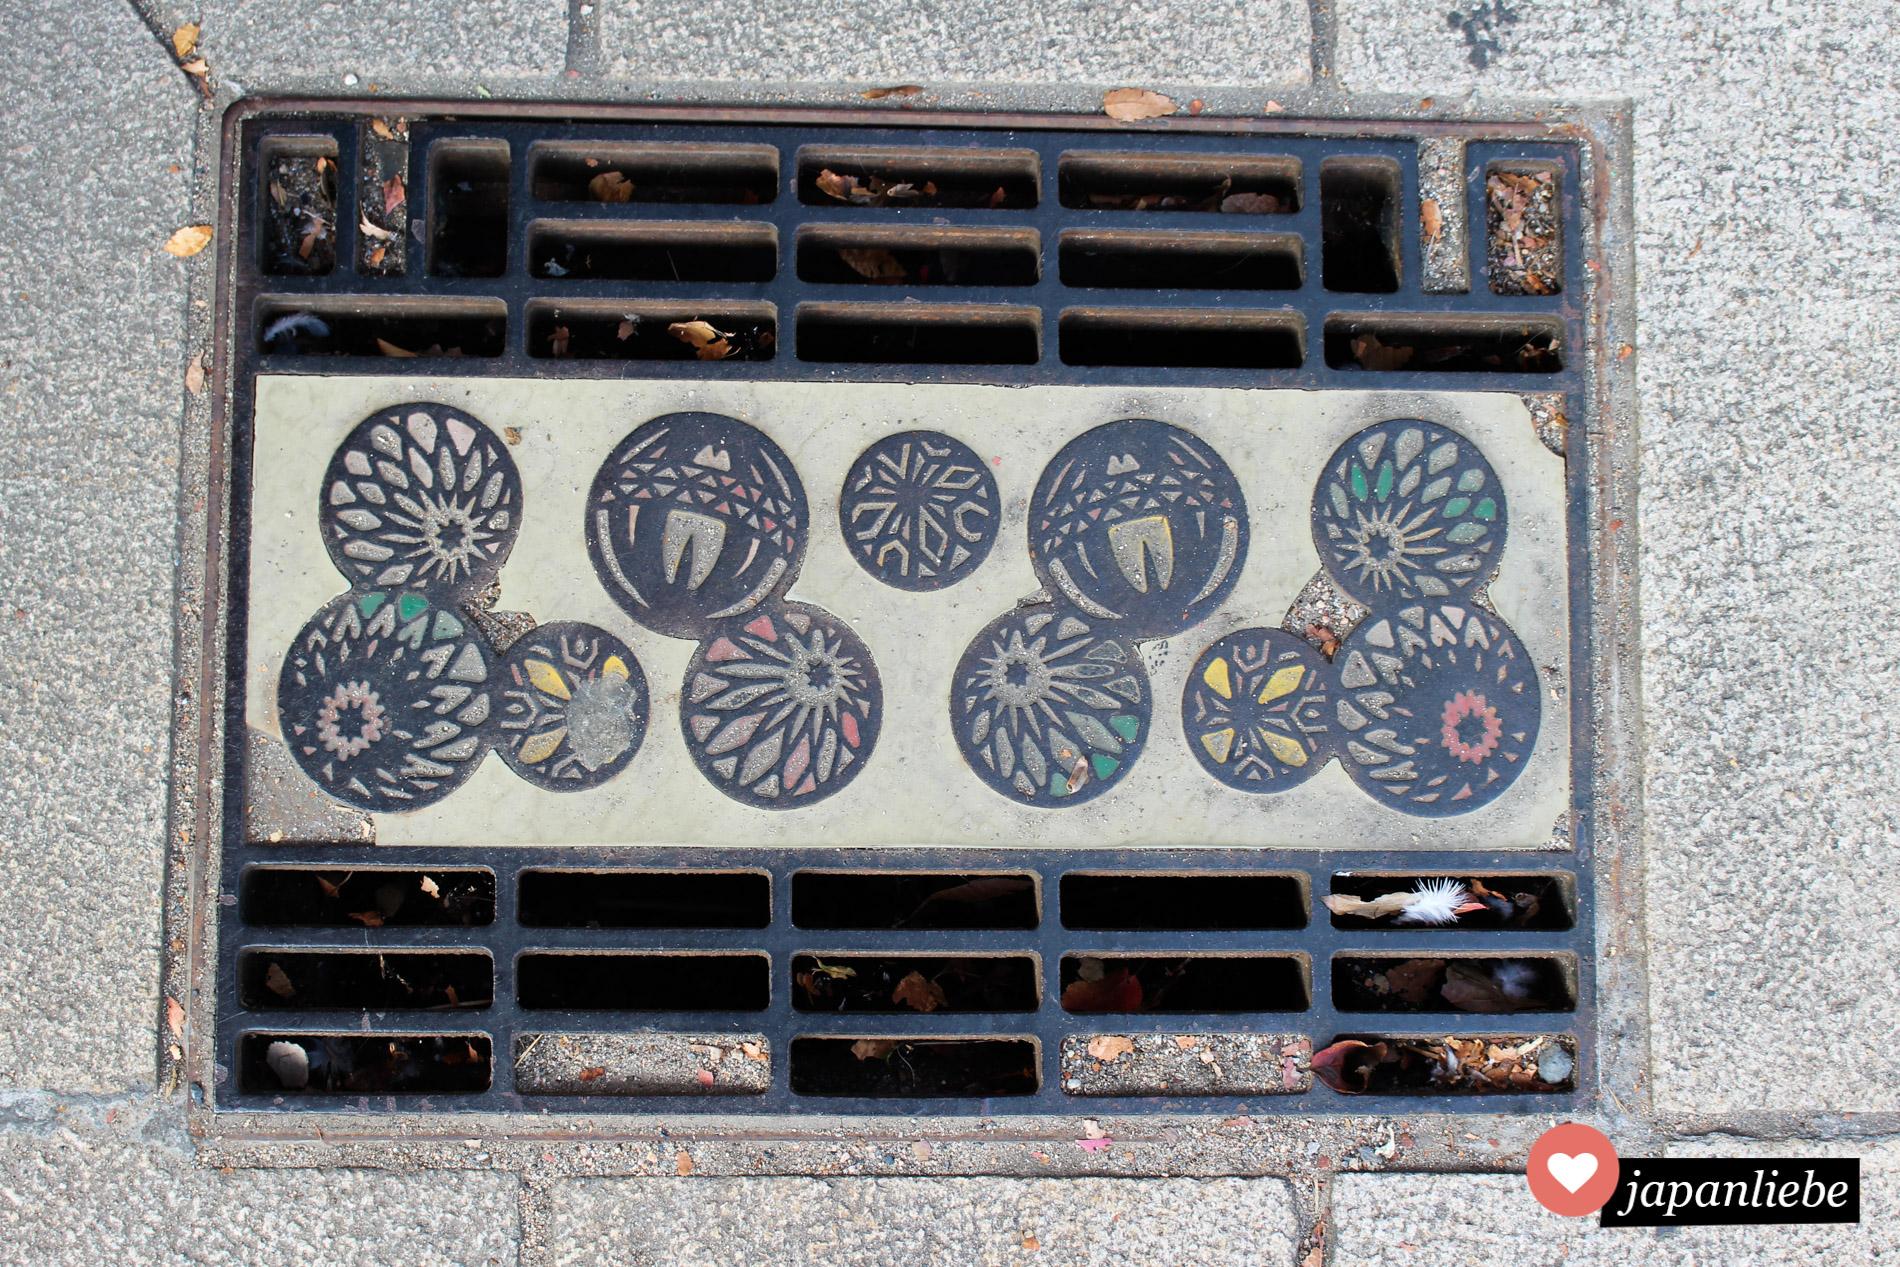 temari-Bälle zieren ein Gitter auf einem Gehsteig der Stadt Matsumoto.